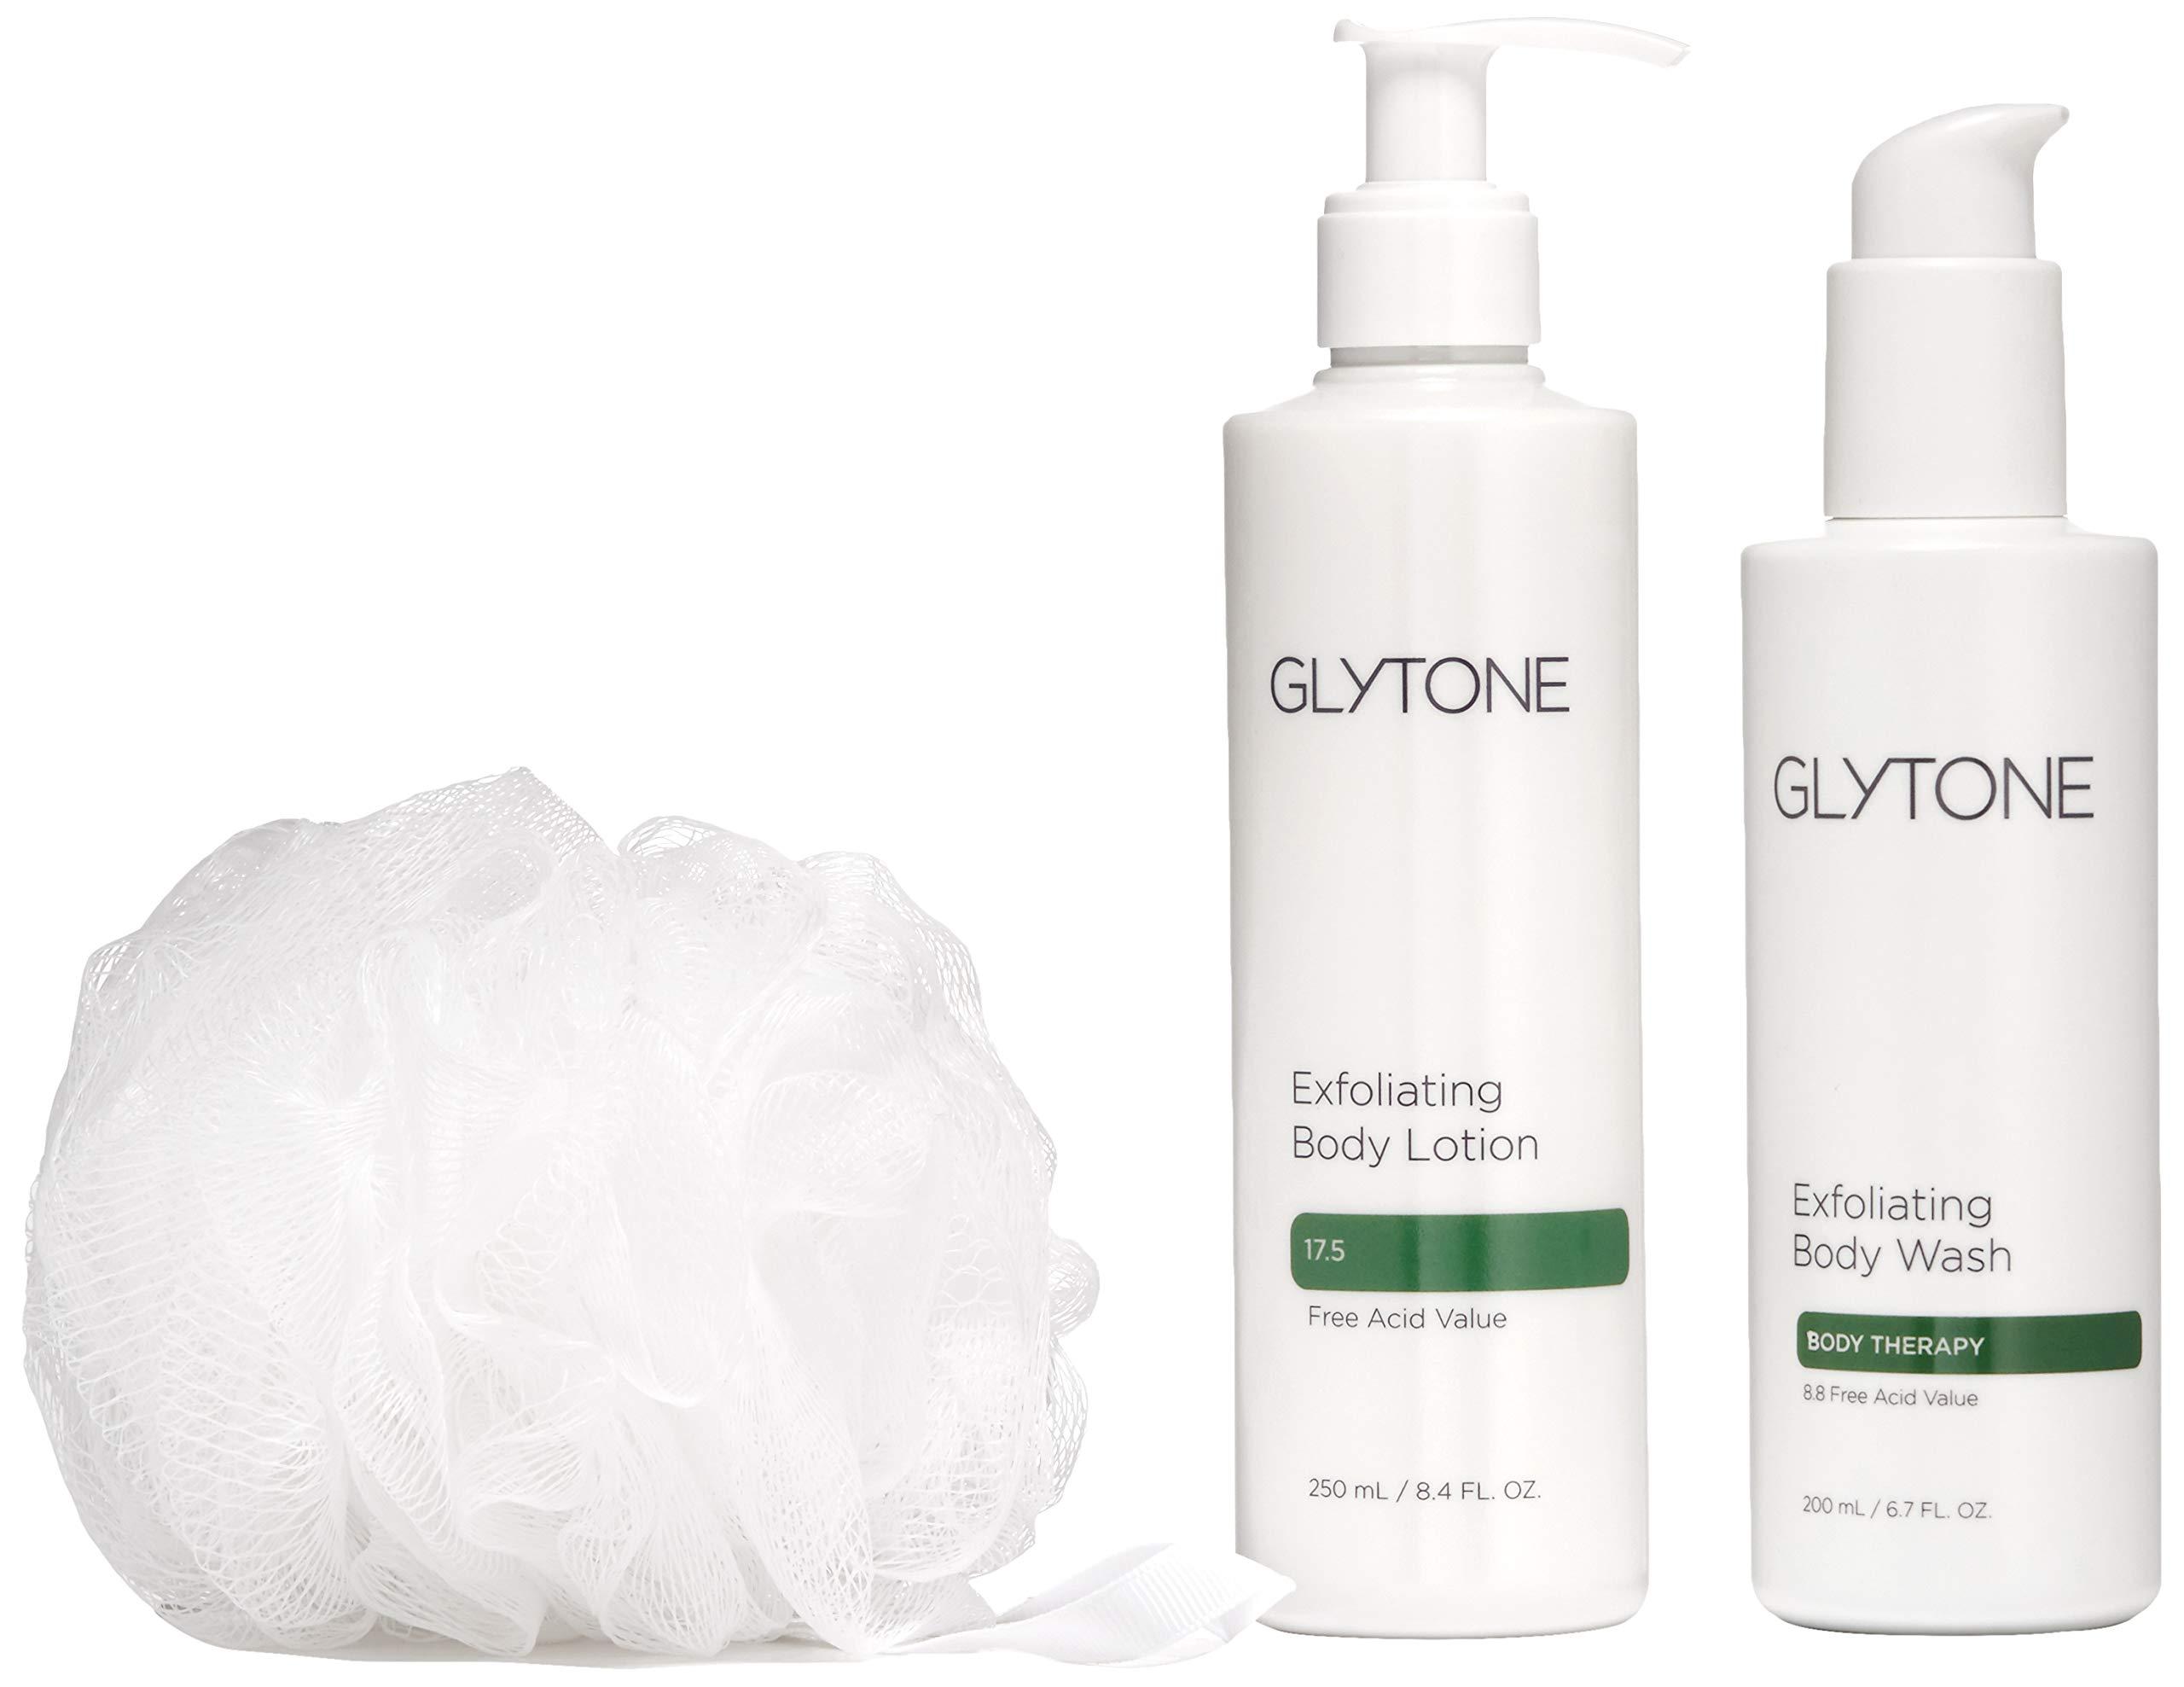 Glytone KP Kit Keratosis Pilaris - Exfoliating Body Wash, Lotion, Shower Pouf, Smooth Rough & Bumpy Skin, Chicken Skin, Fragrance-Free, Kit